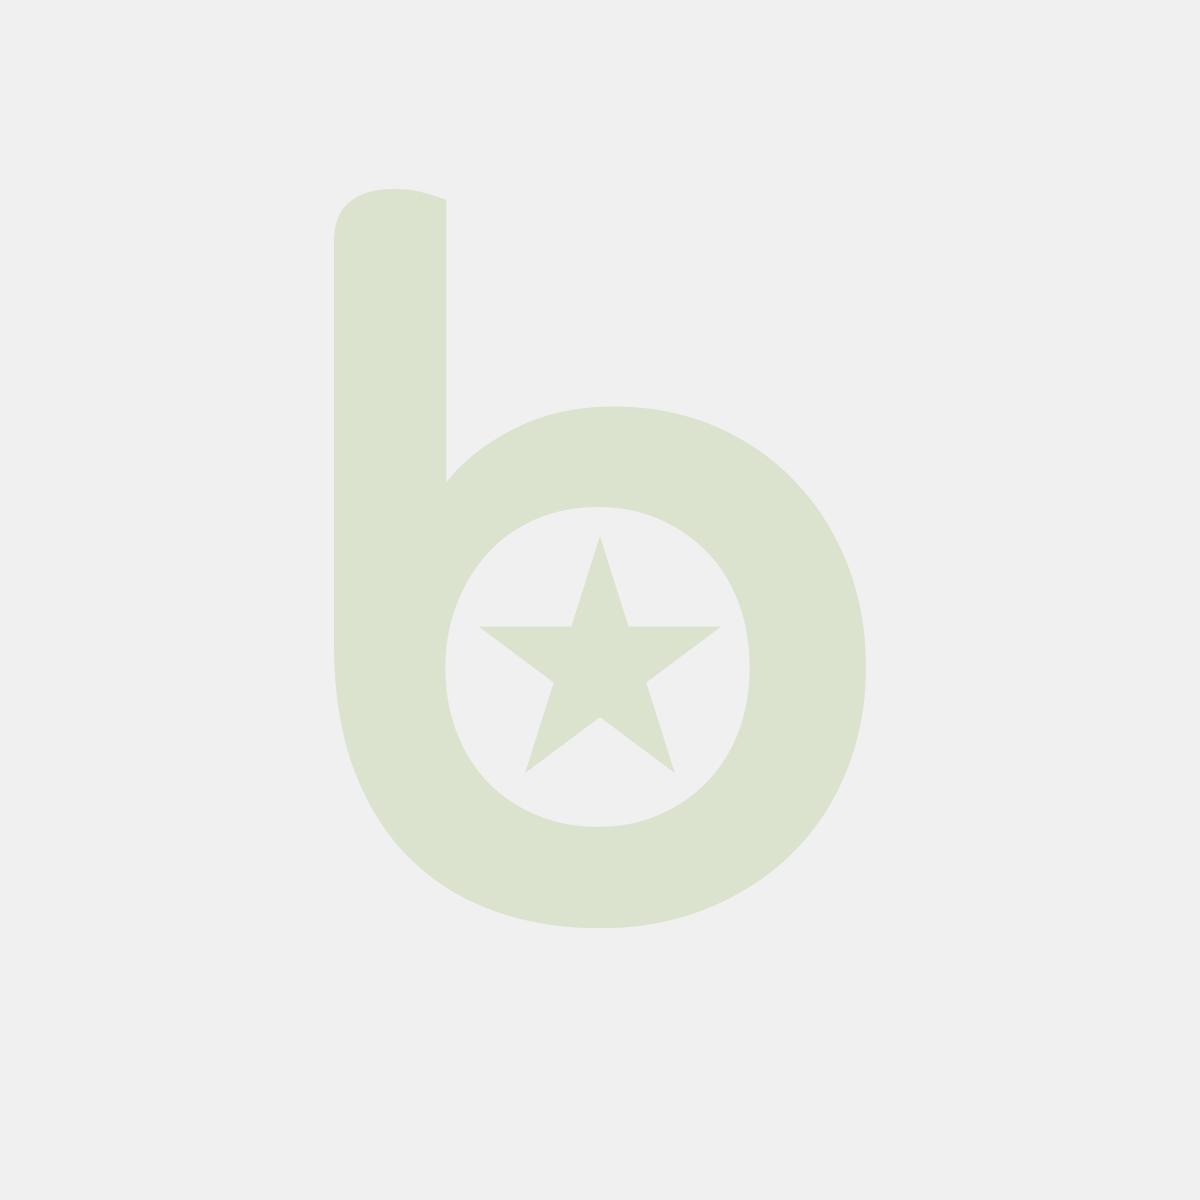 Haki wielokrotnego użytku COMMAND™ (17002 PL), małe, 2 szt., białe